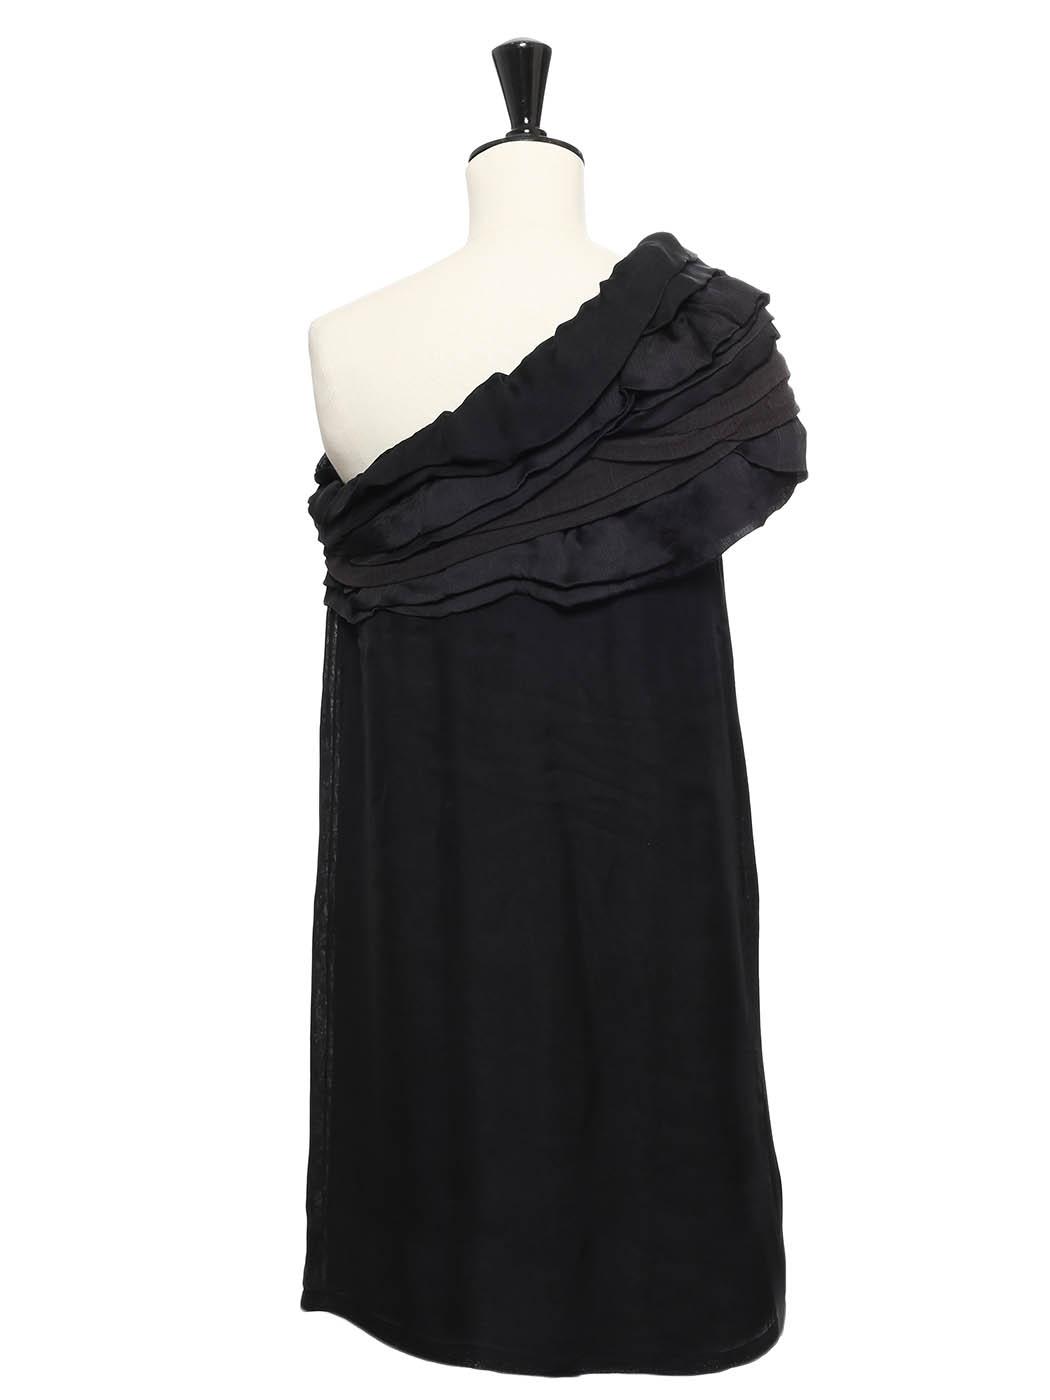 4aa1de705d0 ... JAY AHR Robe de cocktail asymétrique à volants en soie noire Px  boutique 1500€ Taille ...